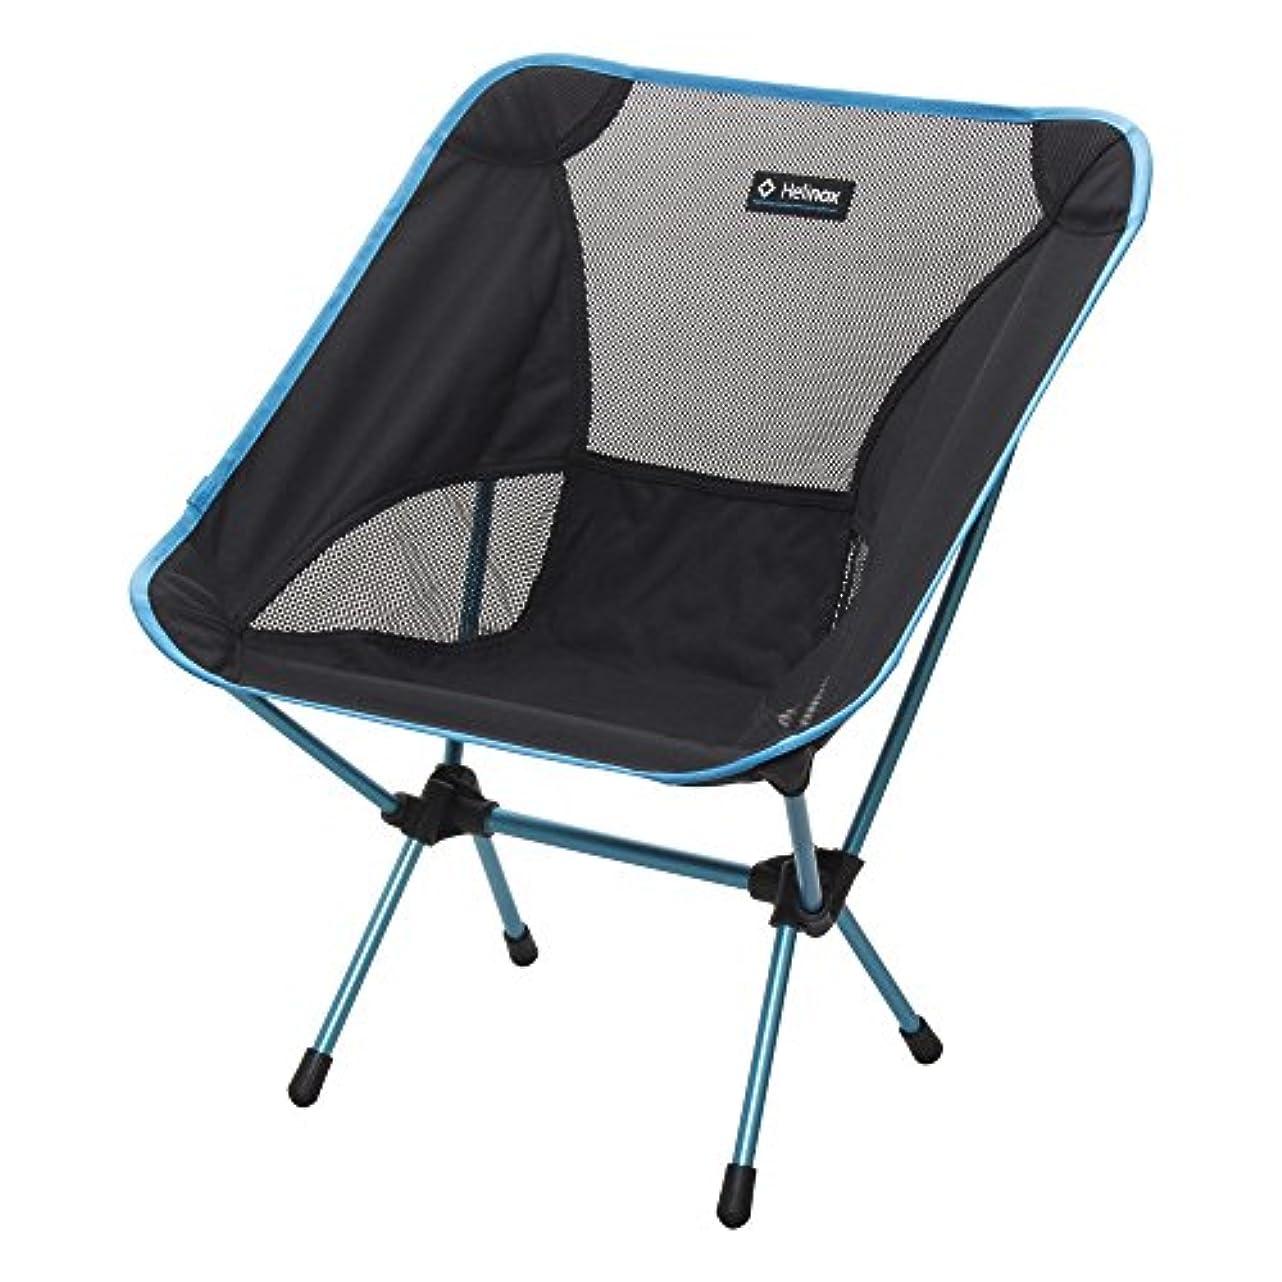 マウントバンク報酬のカード(ヘリノックス)HELINOX hnx-1822151 ヘリノックス チェアワン 日本正規品 椅子 チェア アウトドア フェス 軽量